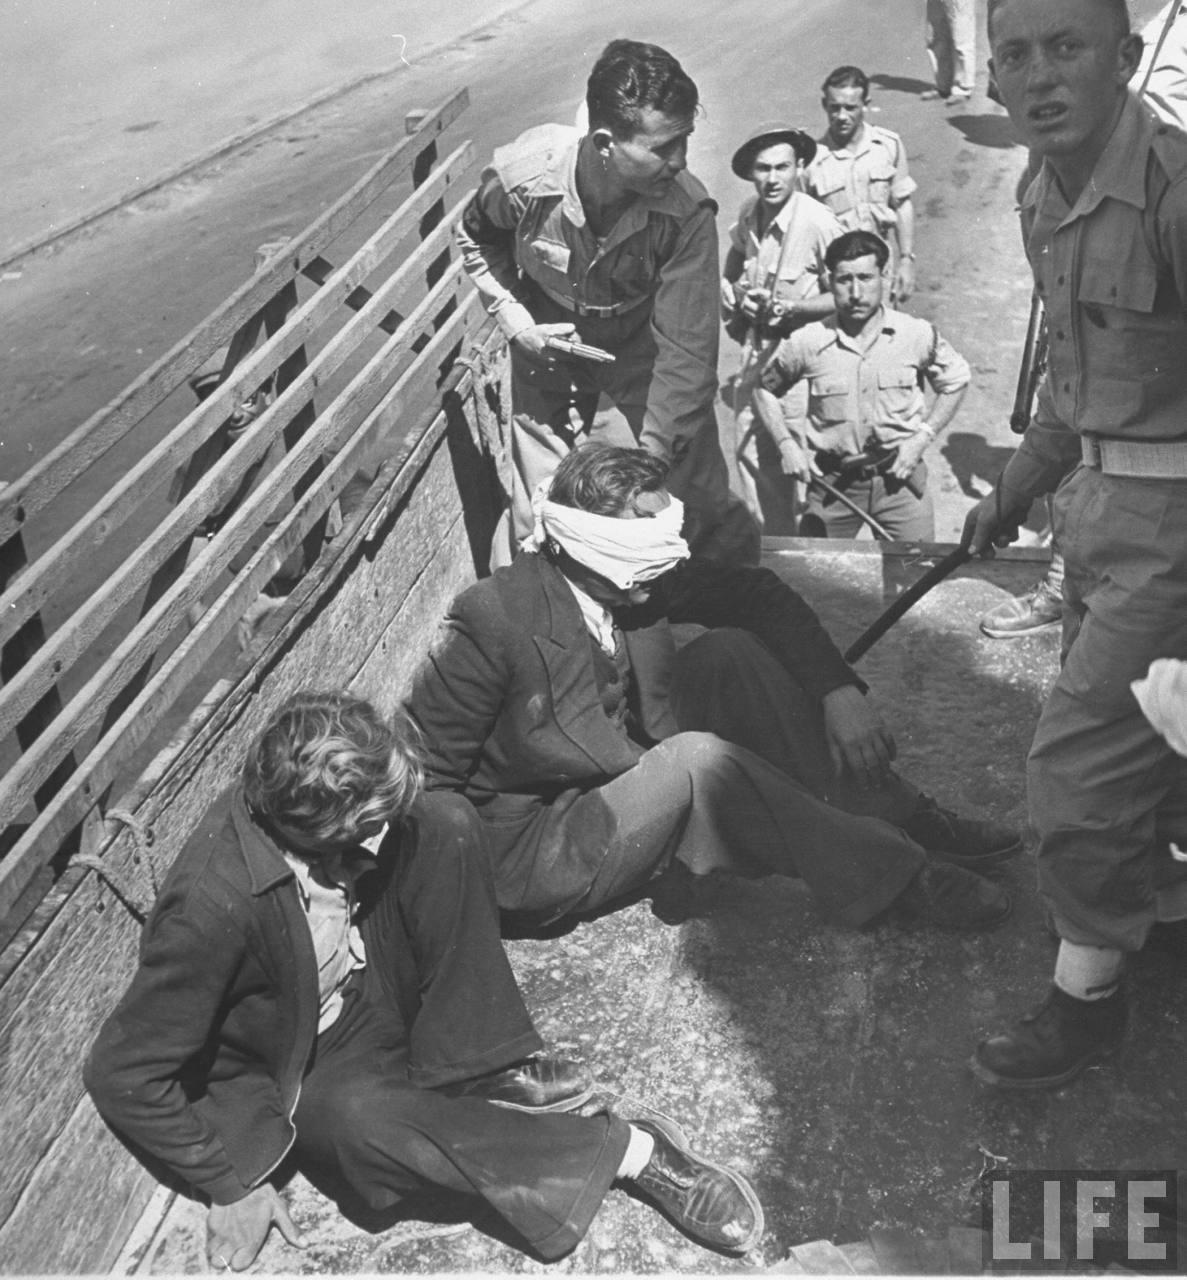 Еврейский отряд задержал польских авантюристов, организовавших саботаж в пользу арабов. Апрель